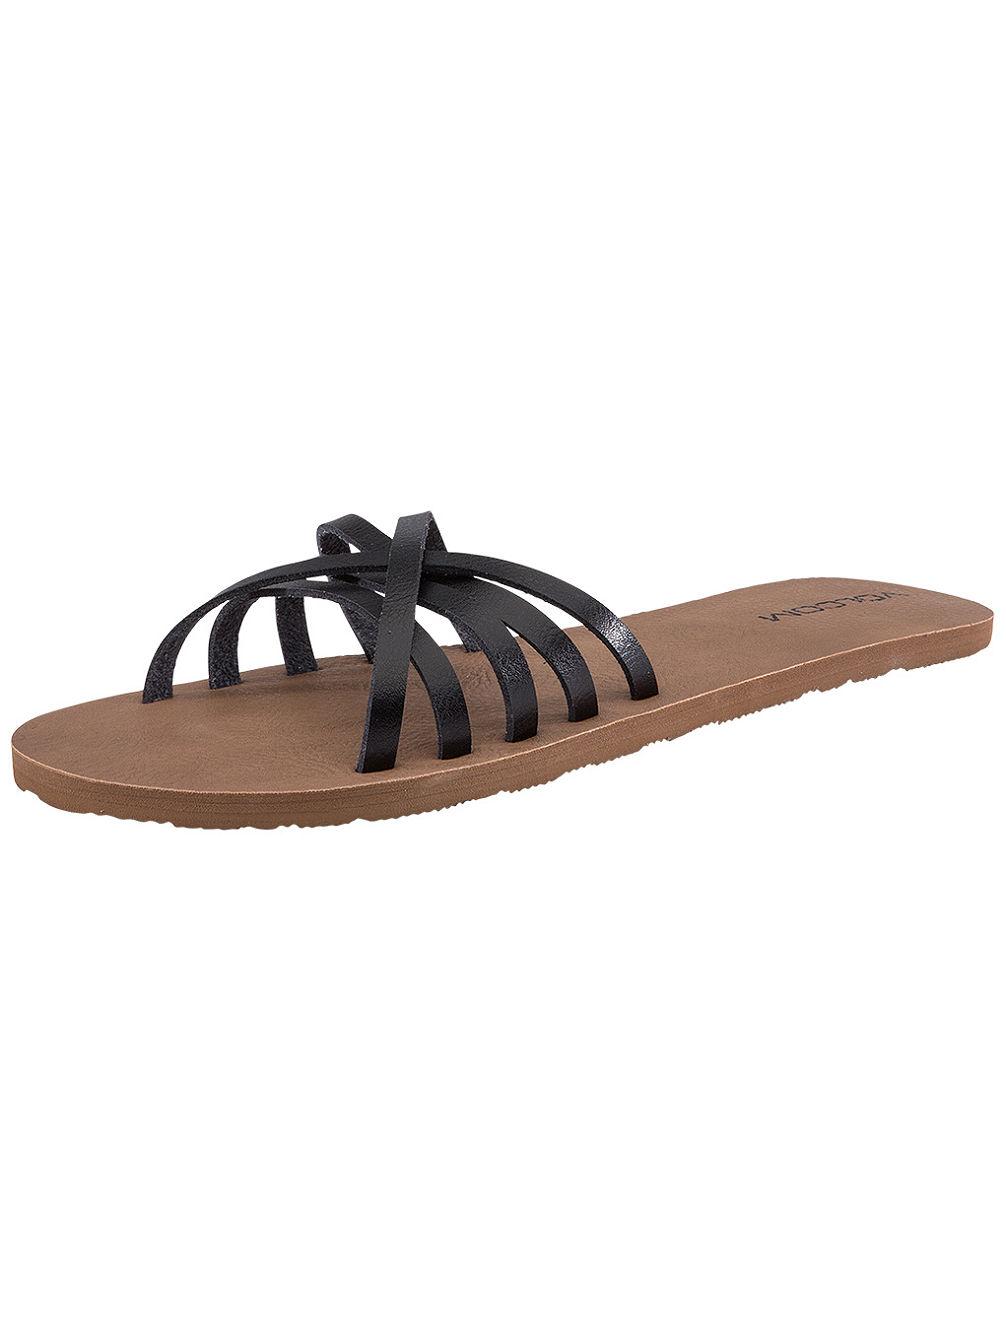 e80e85ab6e5 Buy Volcom Sundaze Sandals online at blue-tomato.com